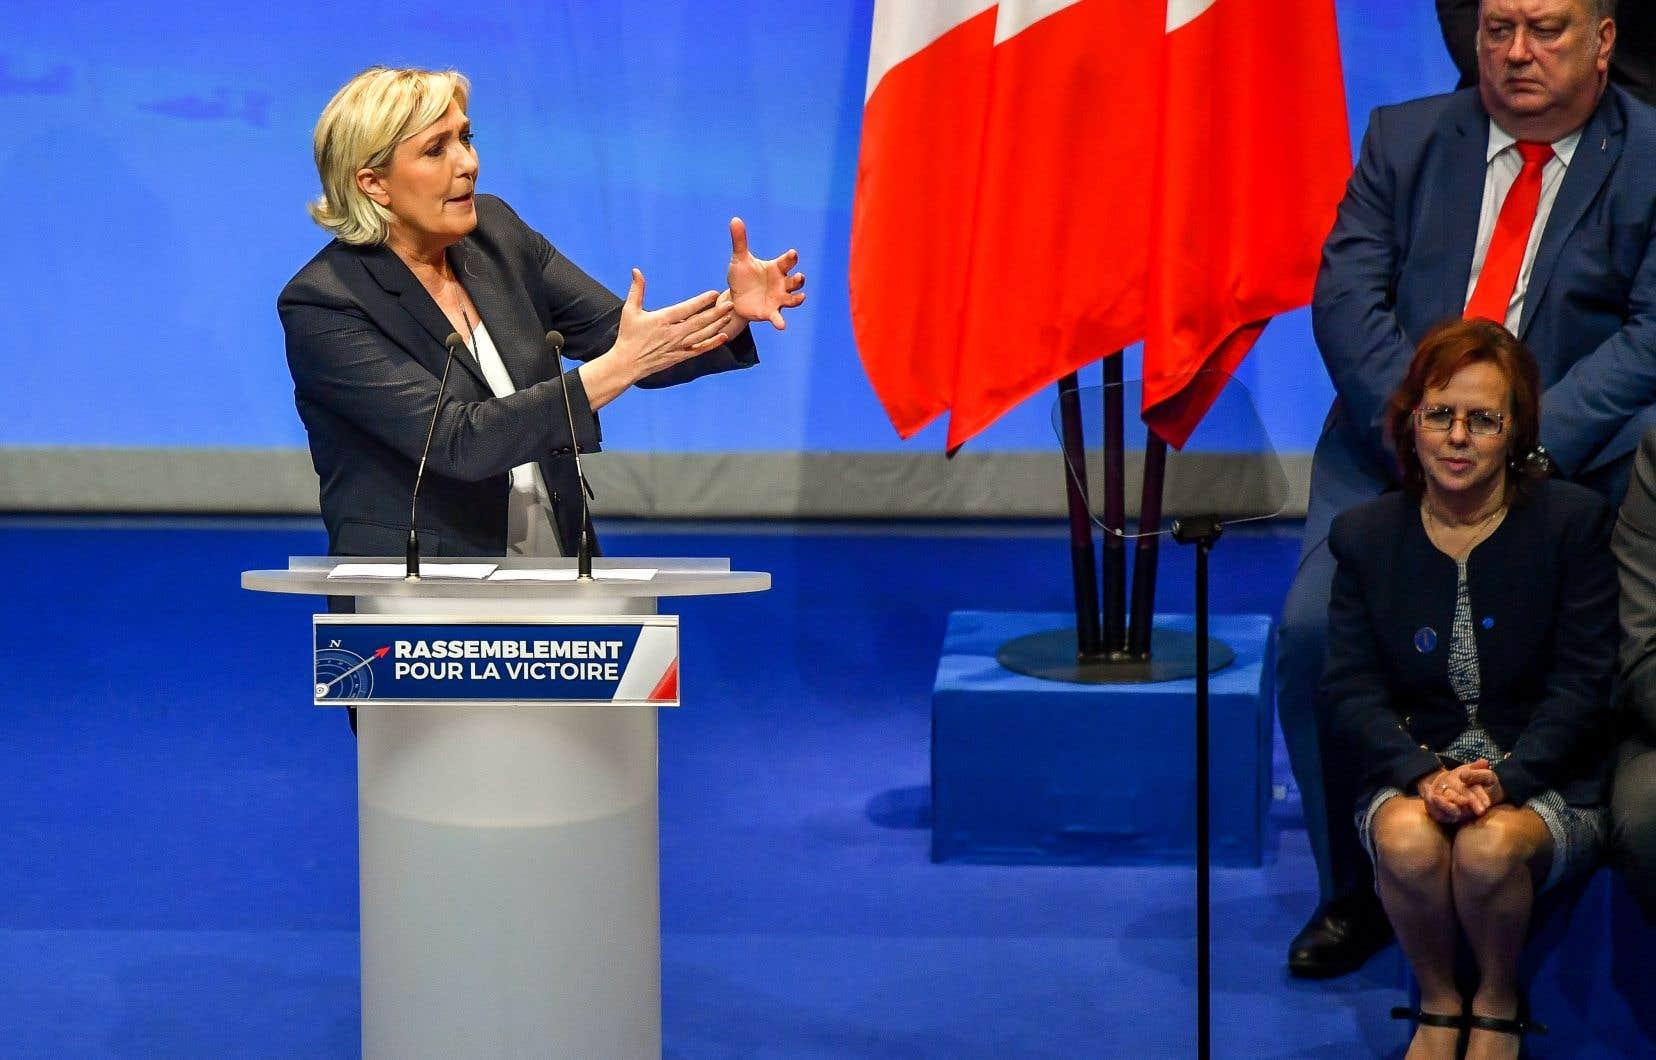 Dans son discours de clôture, Marine Le Pen a tenté de s'imposer en tant qu'opposante principale au président Macron.